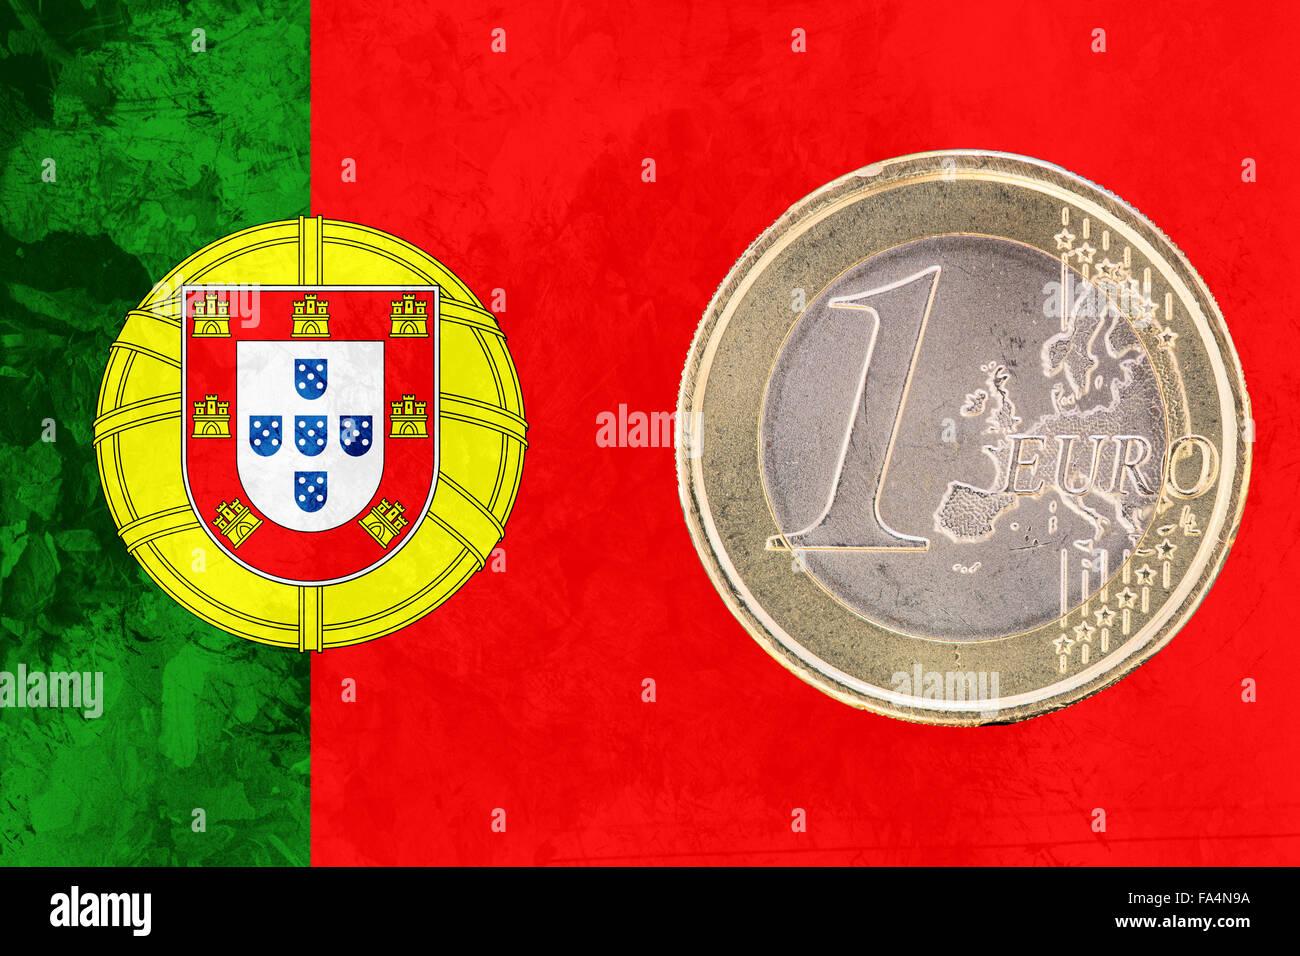 Gemeinsame Seite Der 1 Euro Münze Aus Portugal Isoliert Auf Der